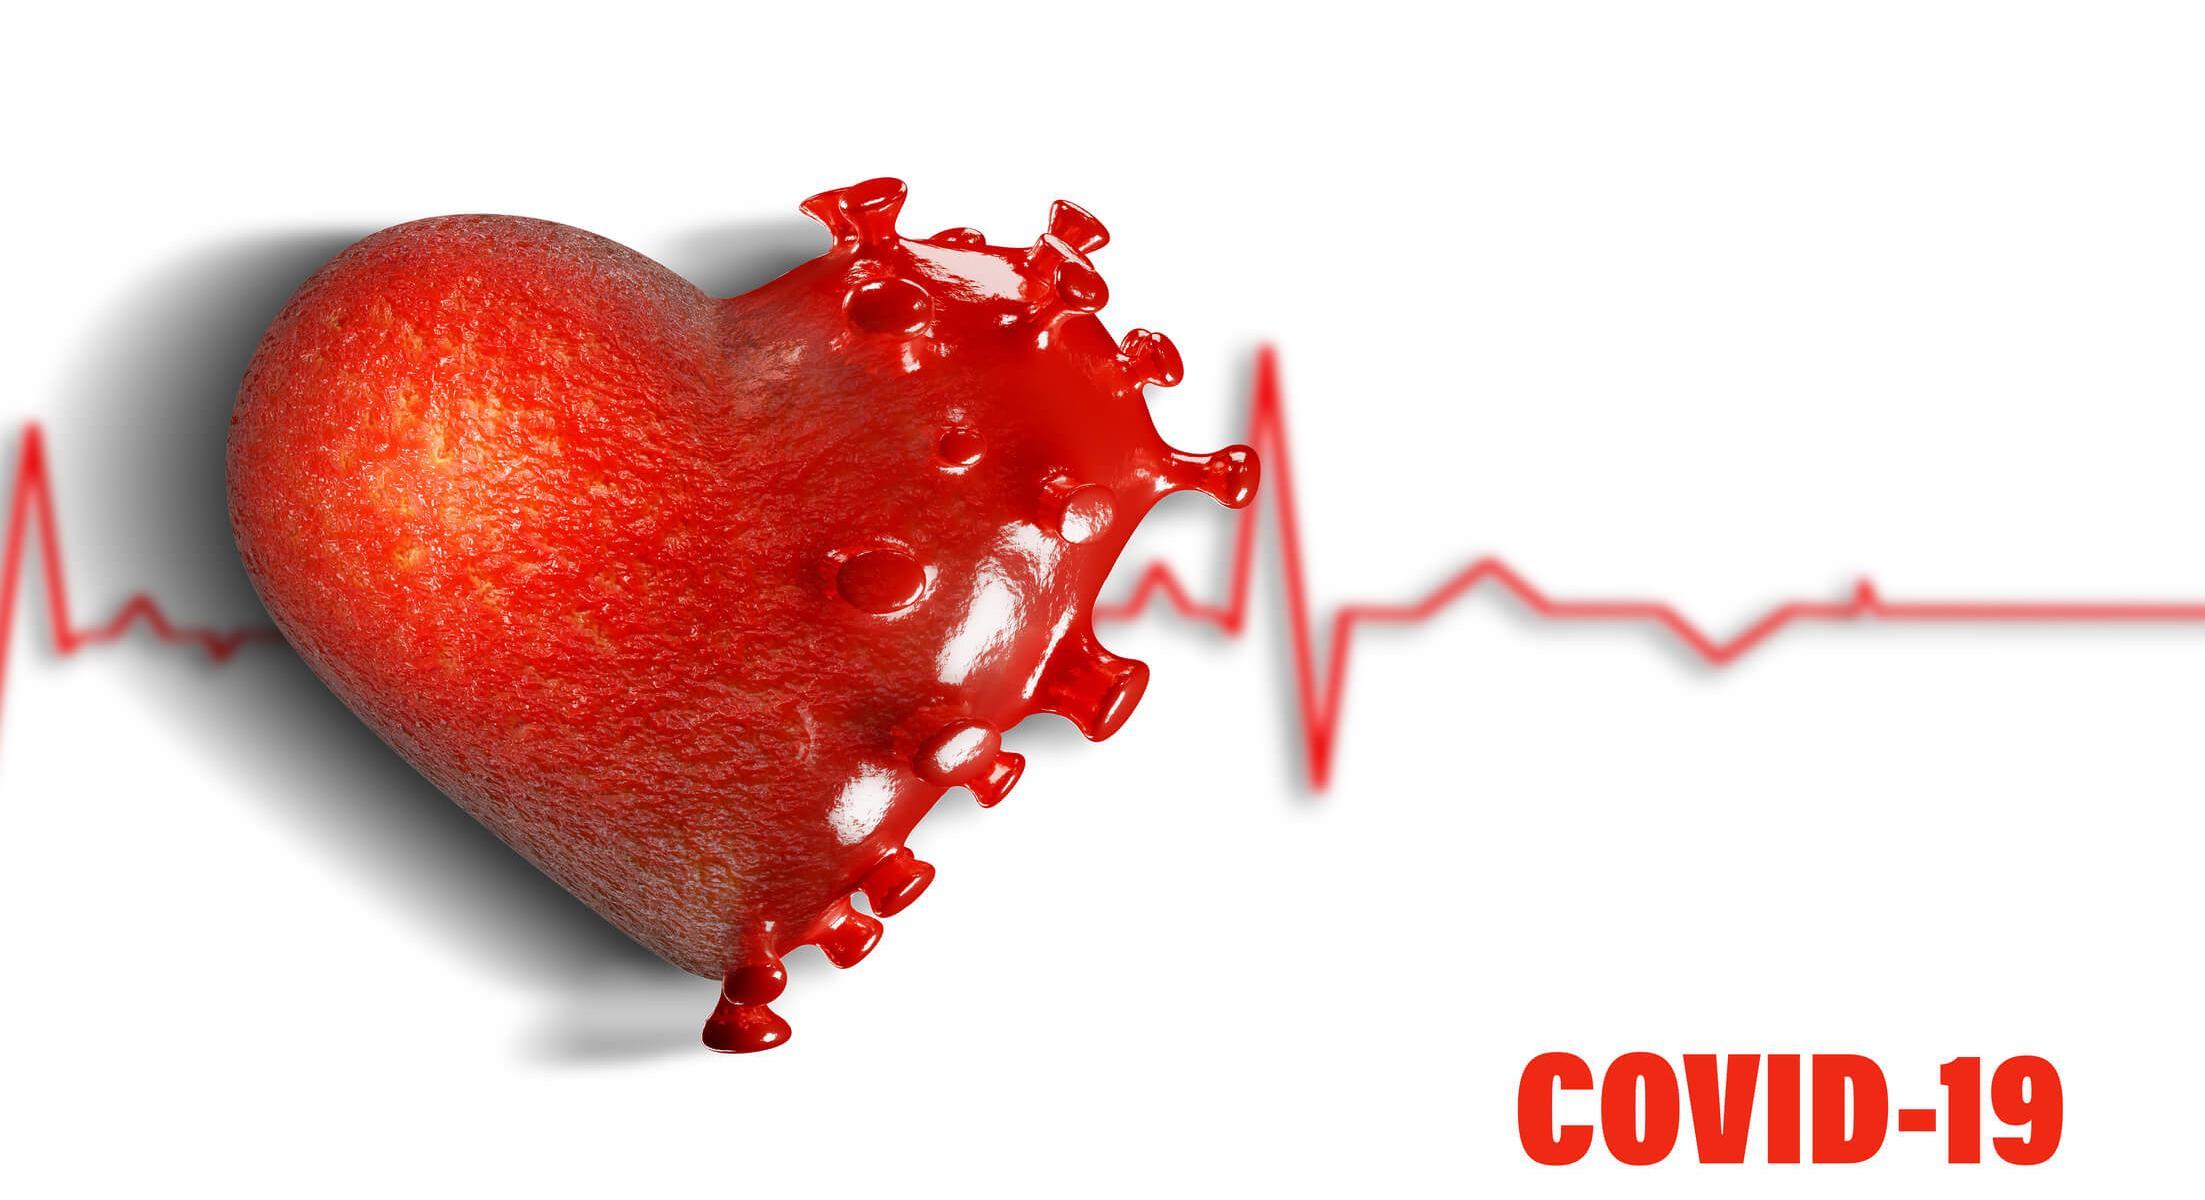 Около 50% тяжелых пациентов с коронавирусом имеют признаки повреждения сердца